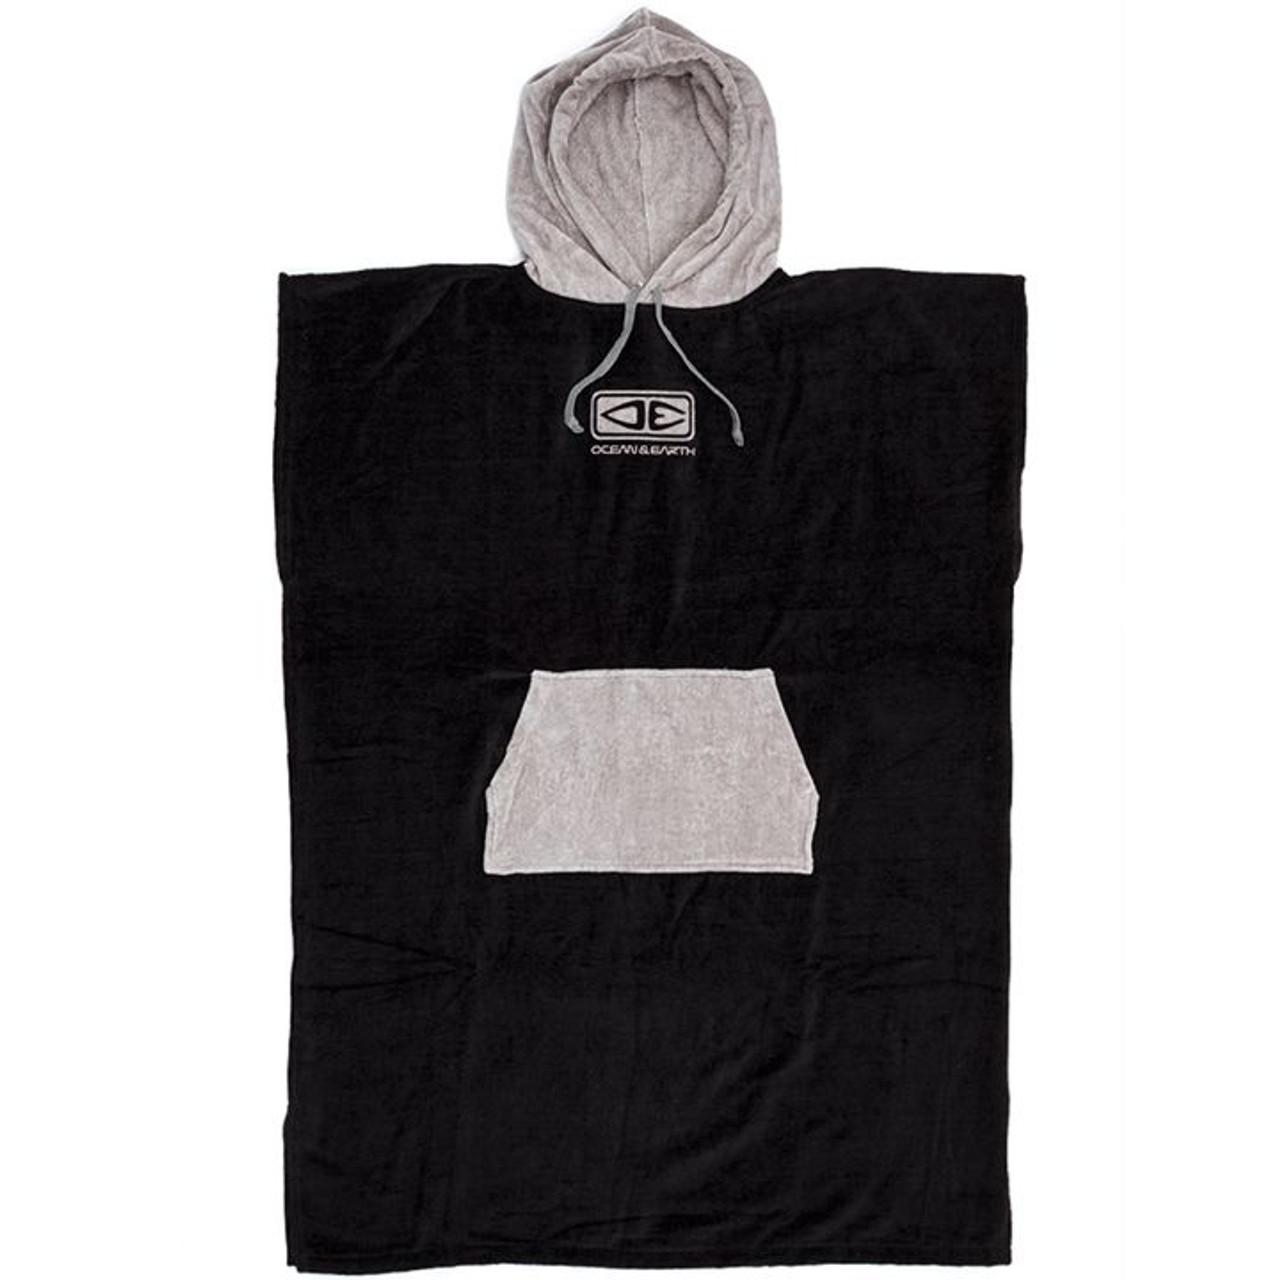 Ocean and Earth Men's Daybreak Hooded Towel Poncho   Black/Grey